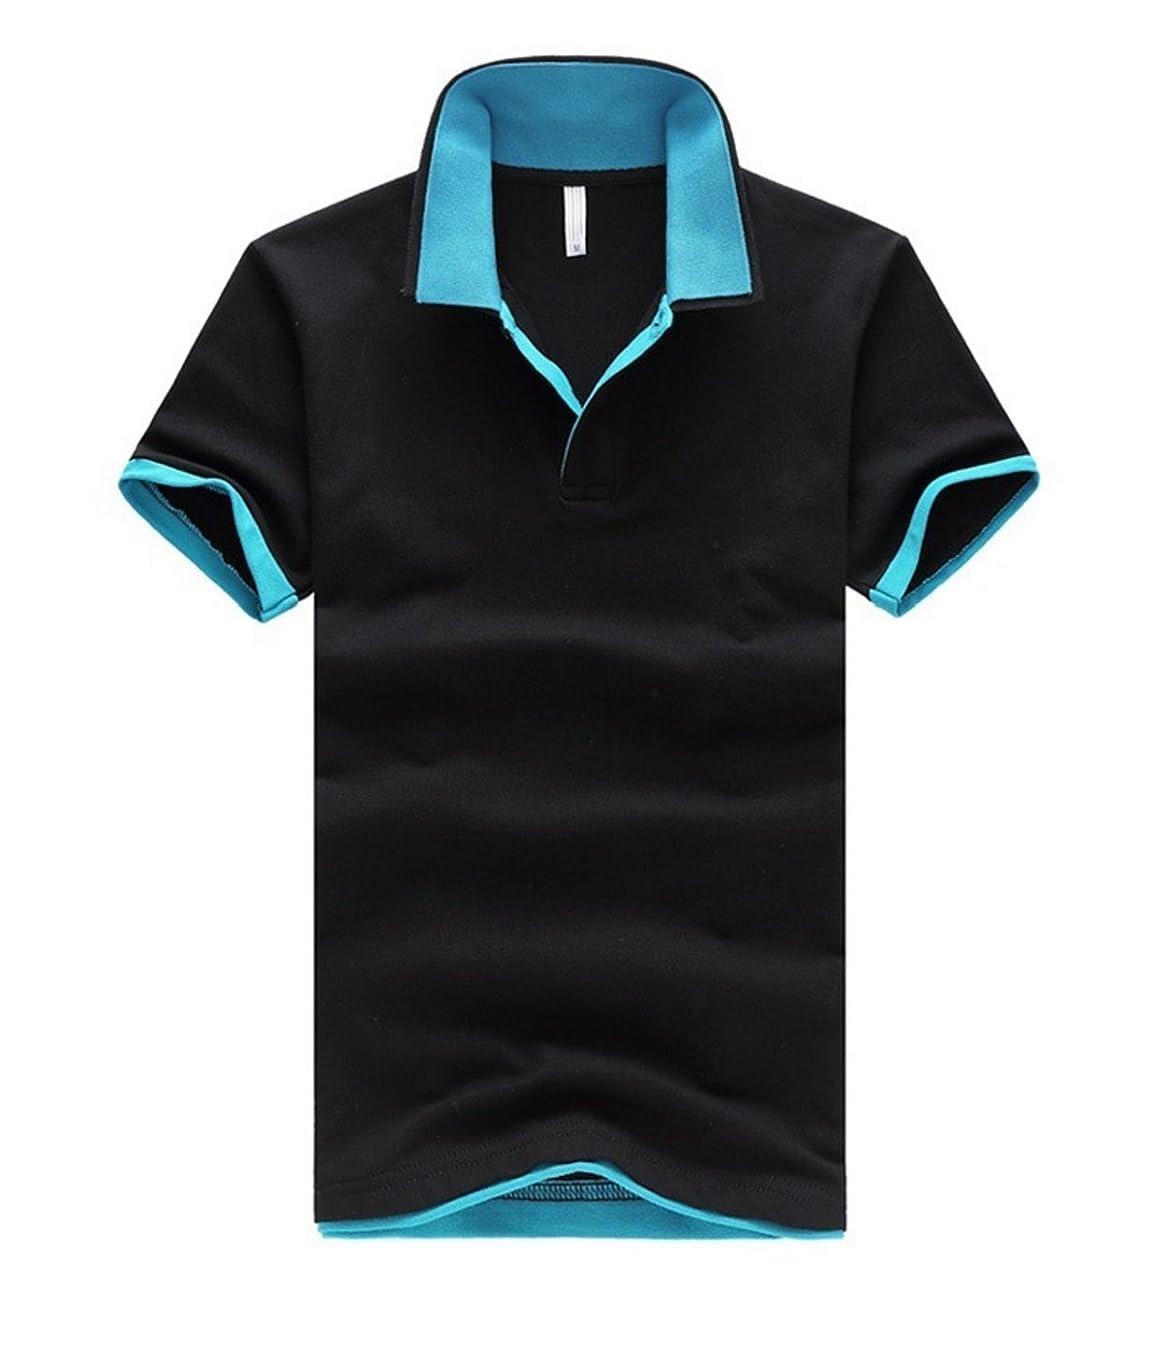 戦士運命的な重要な(Two Steps Behind) メンズ 半袖 無地 ポロシャツ ビックサイズ ゆったり 大きいサイズ RE54